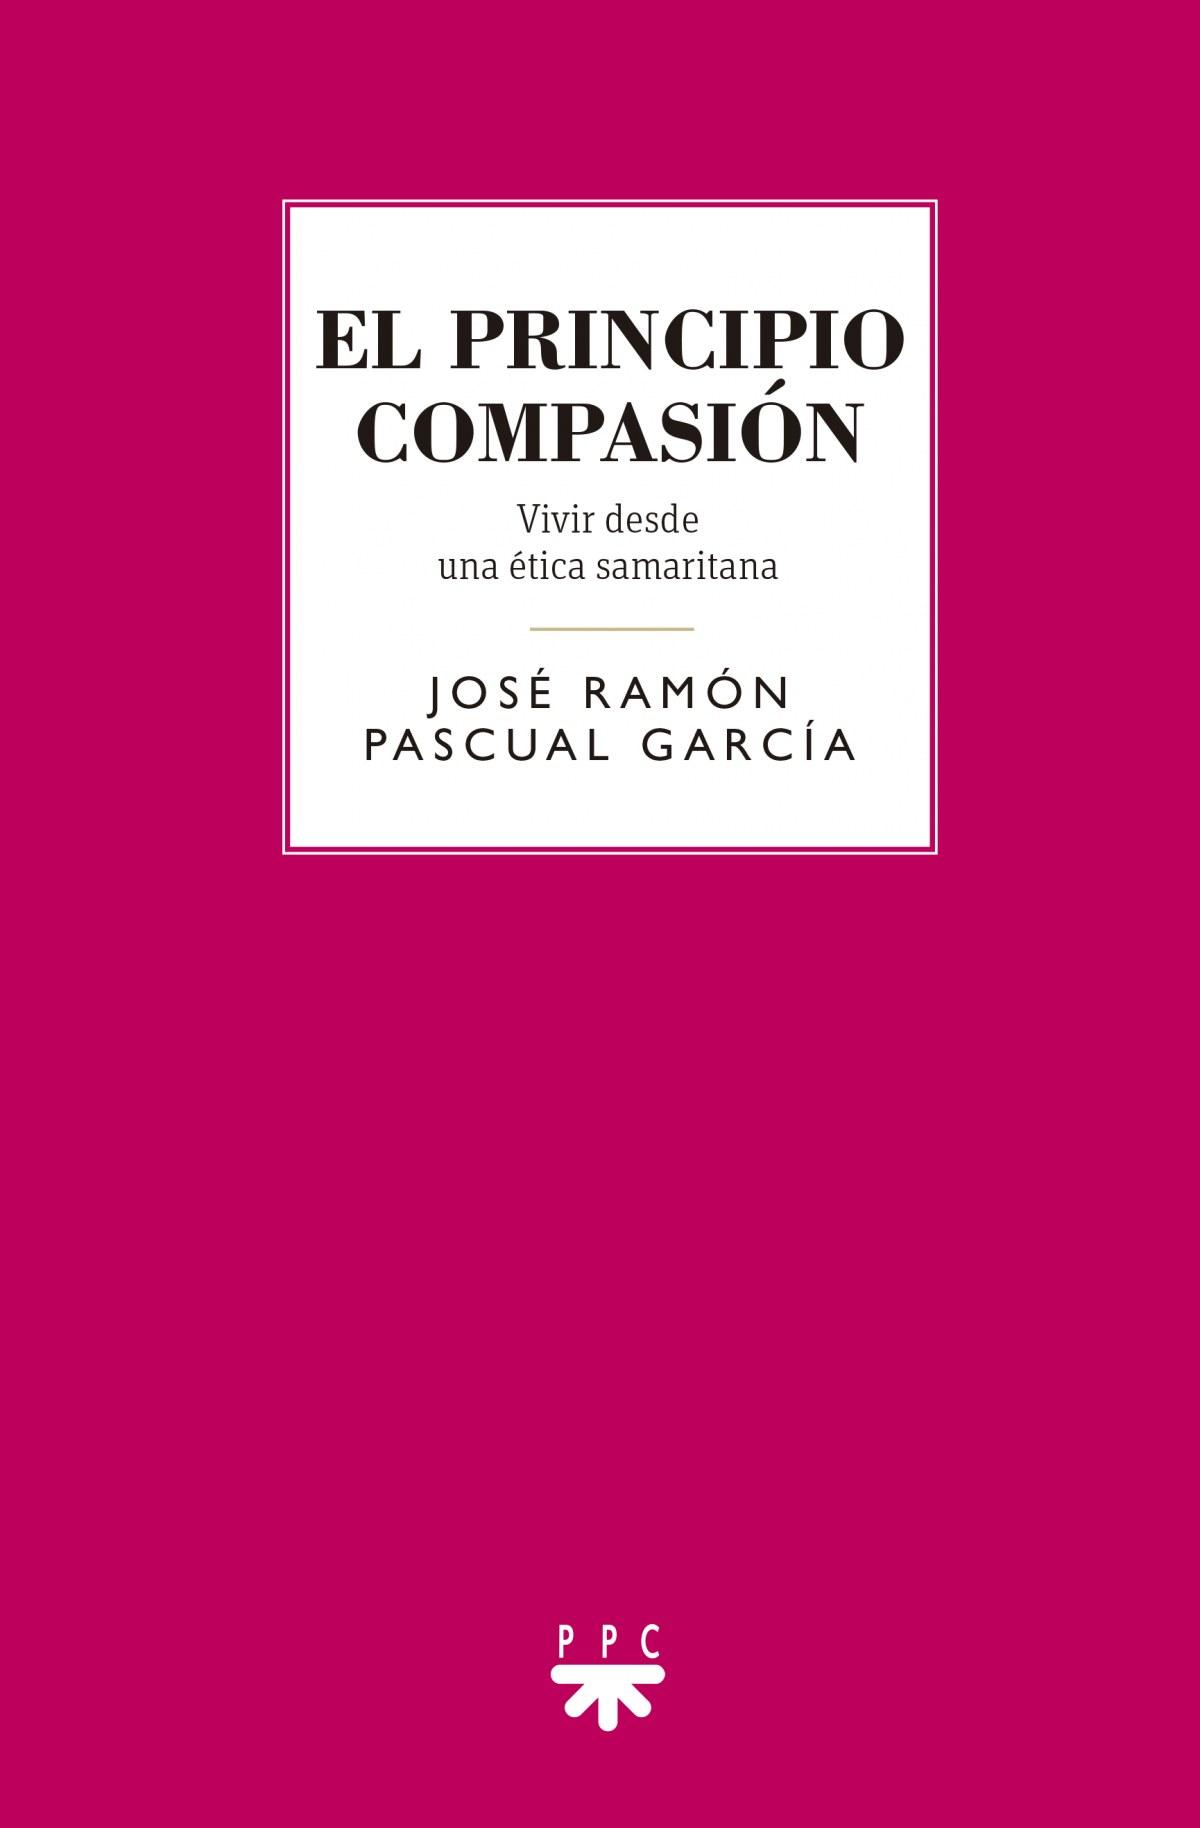 El principio compasión